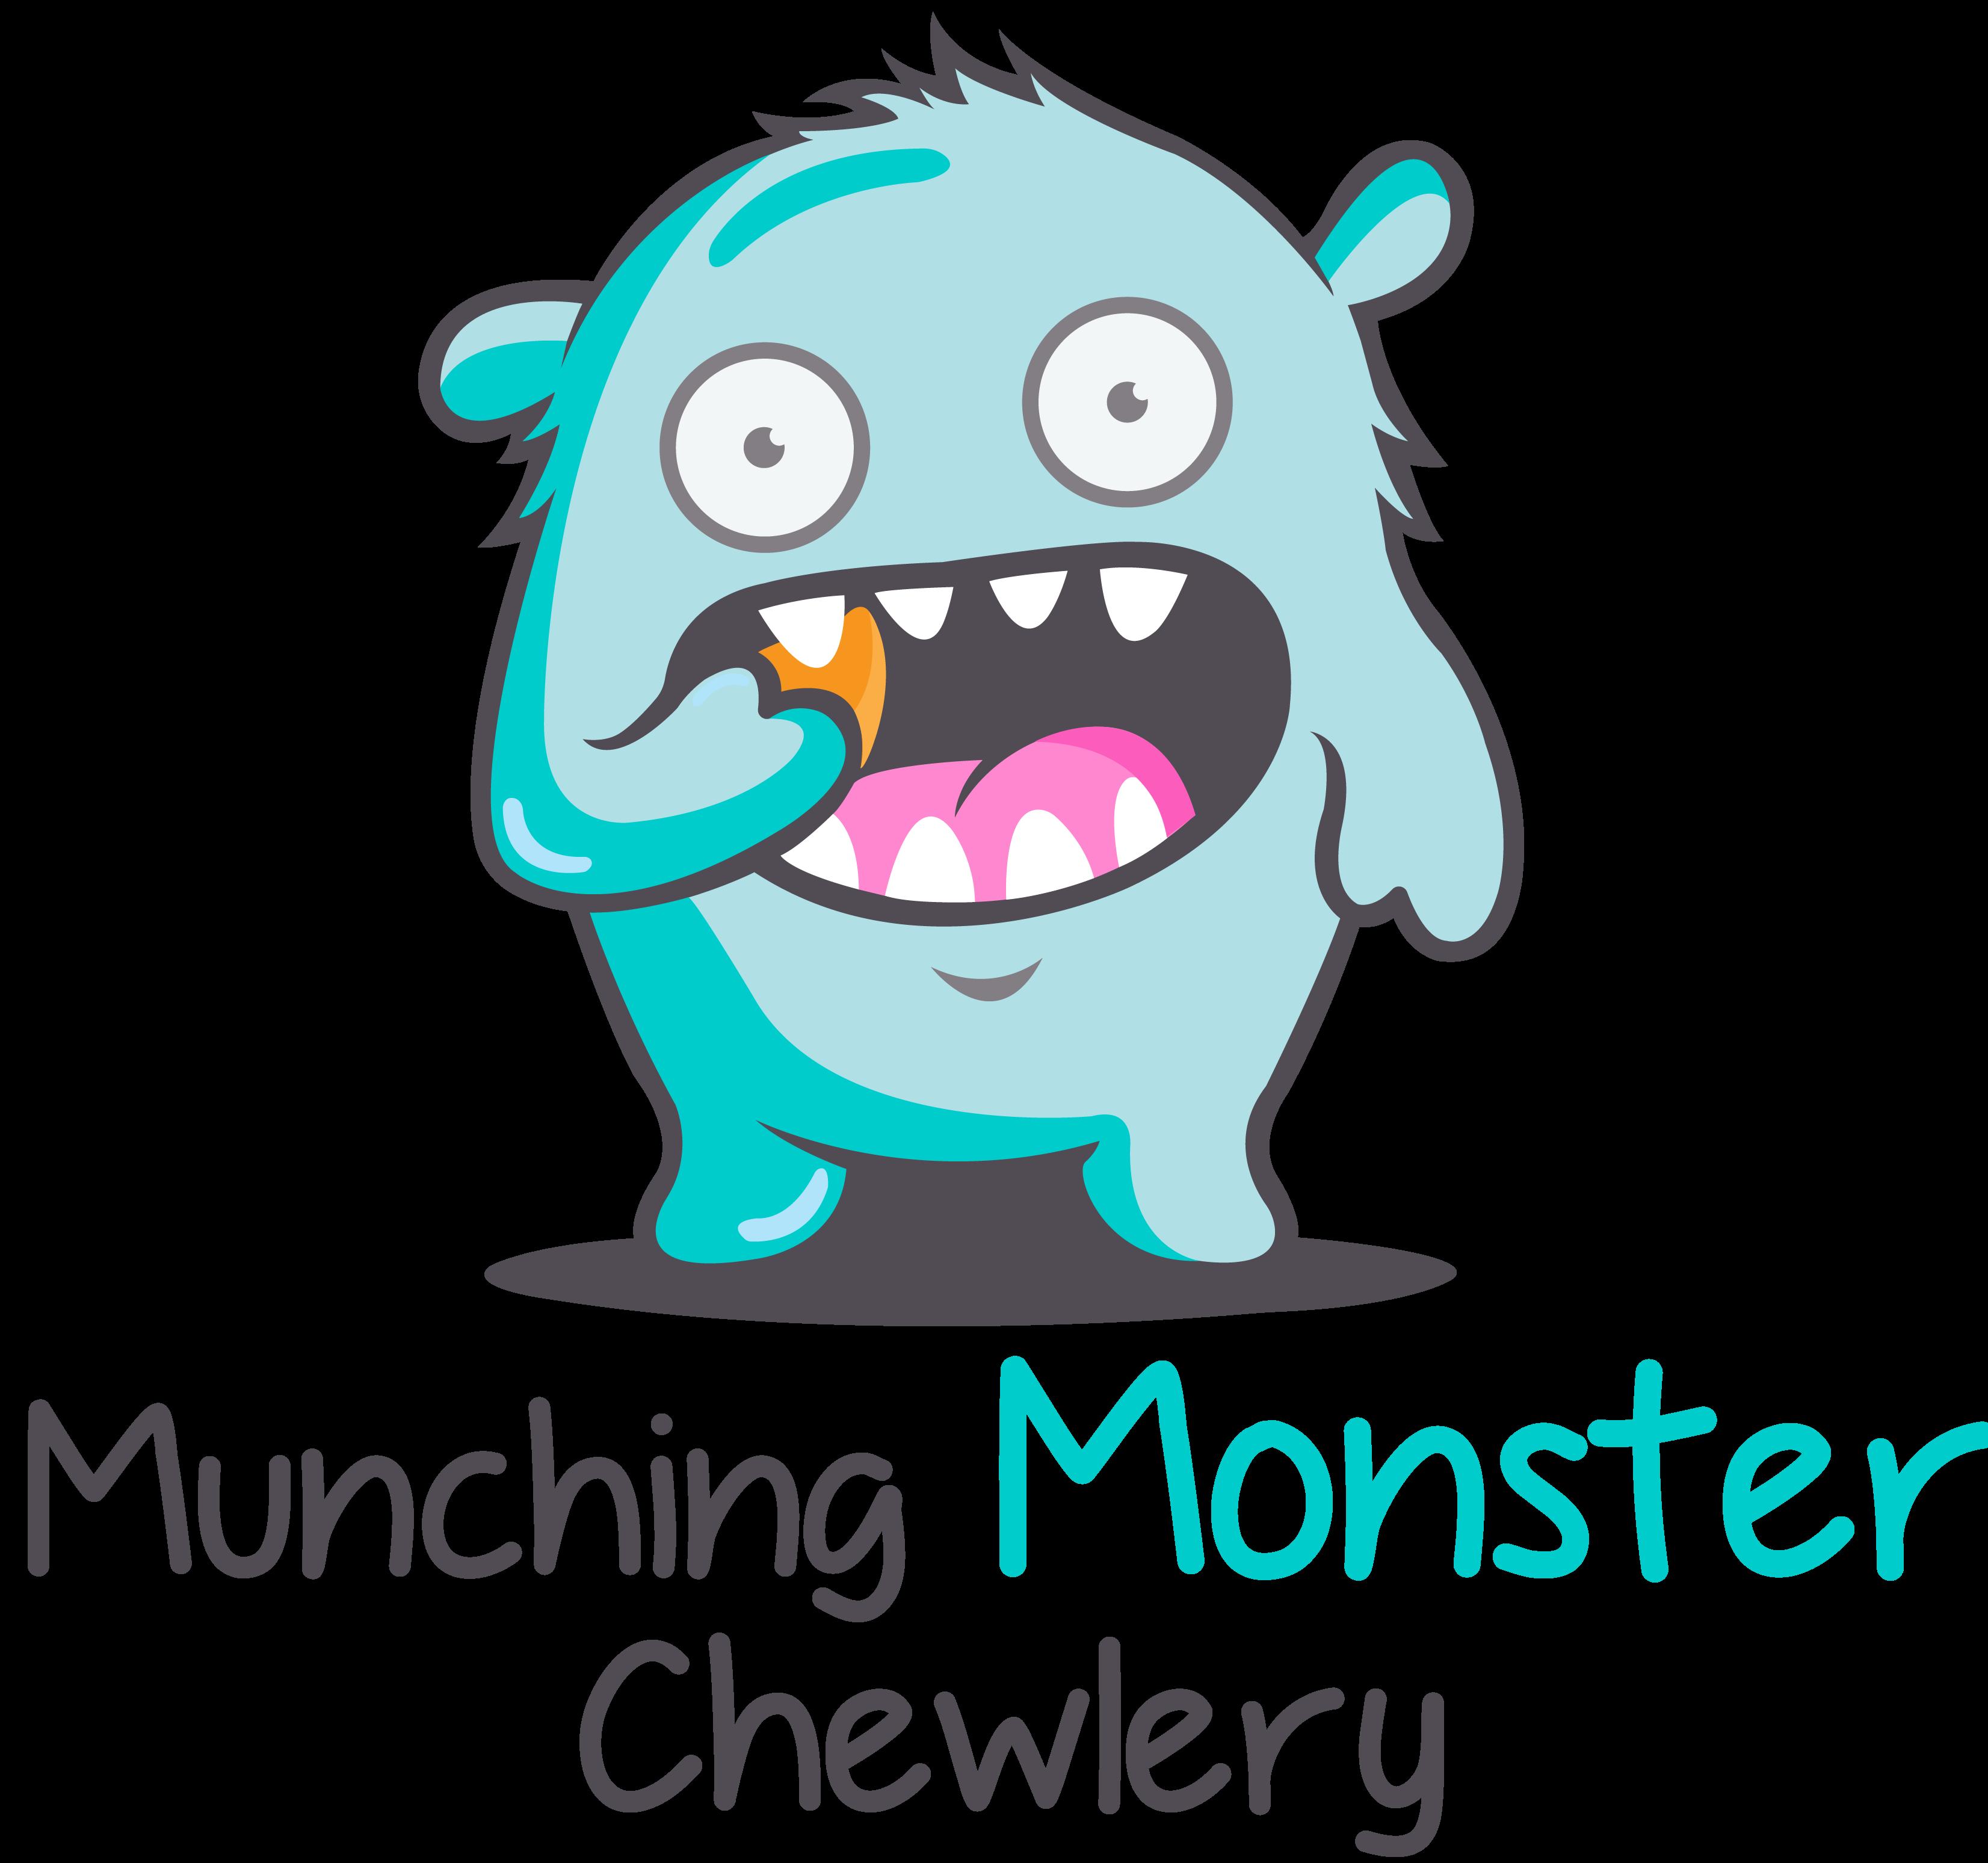 Munching Monster Chewlery